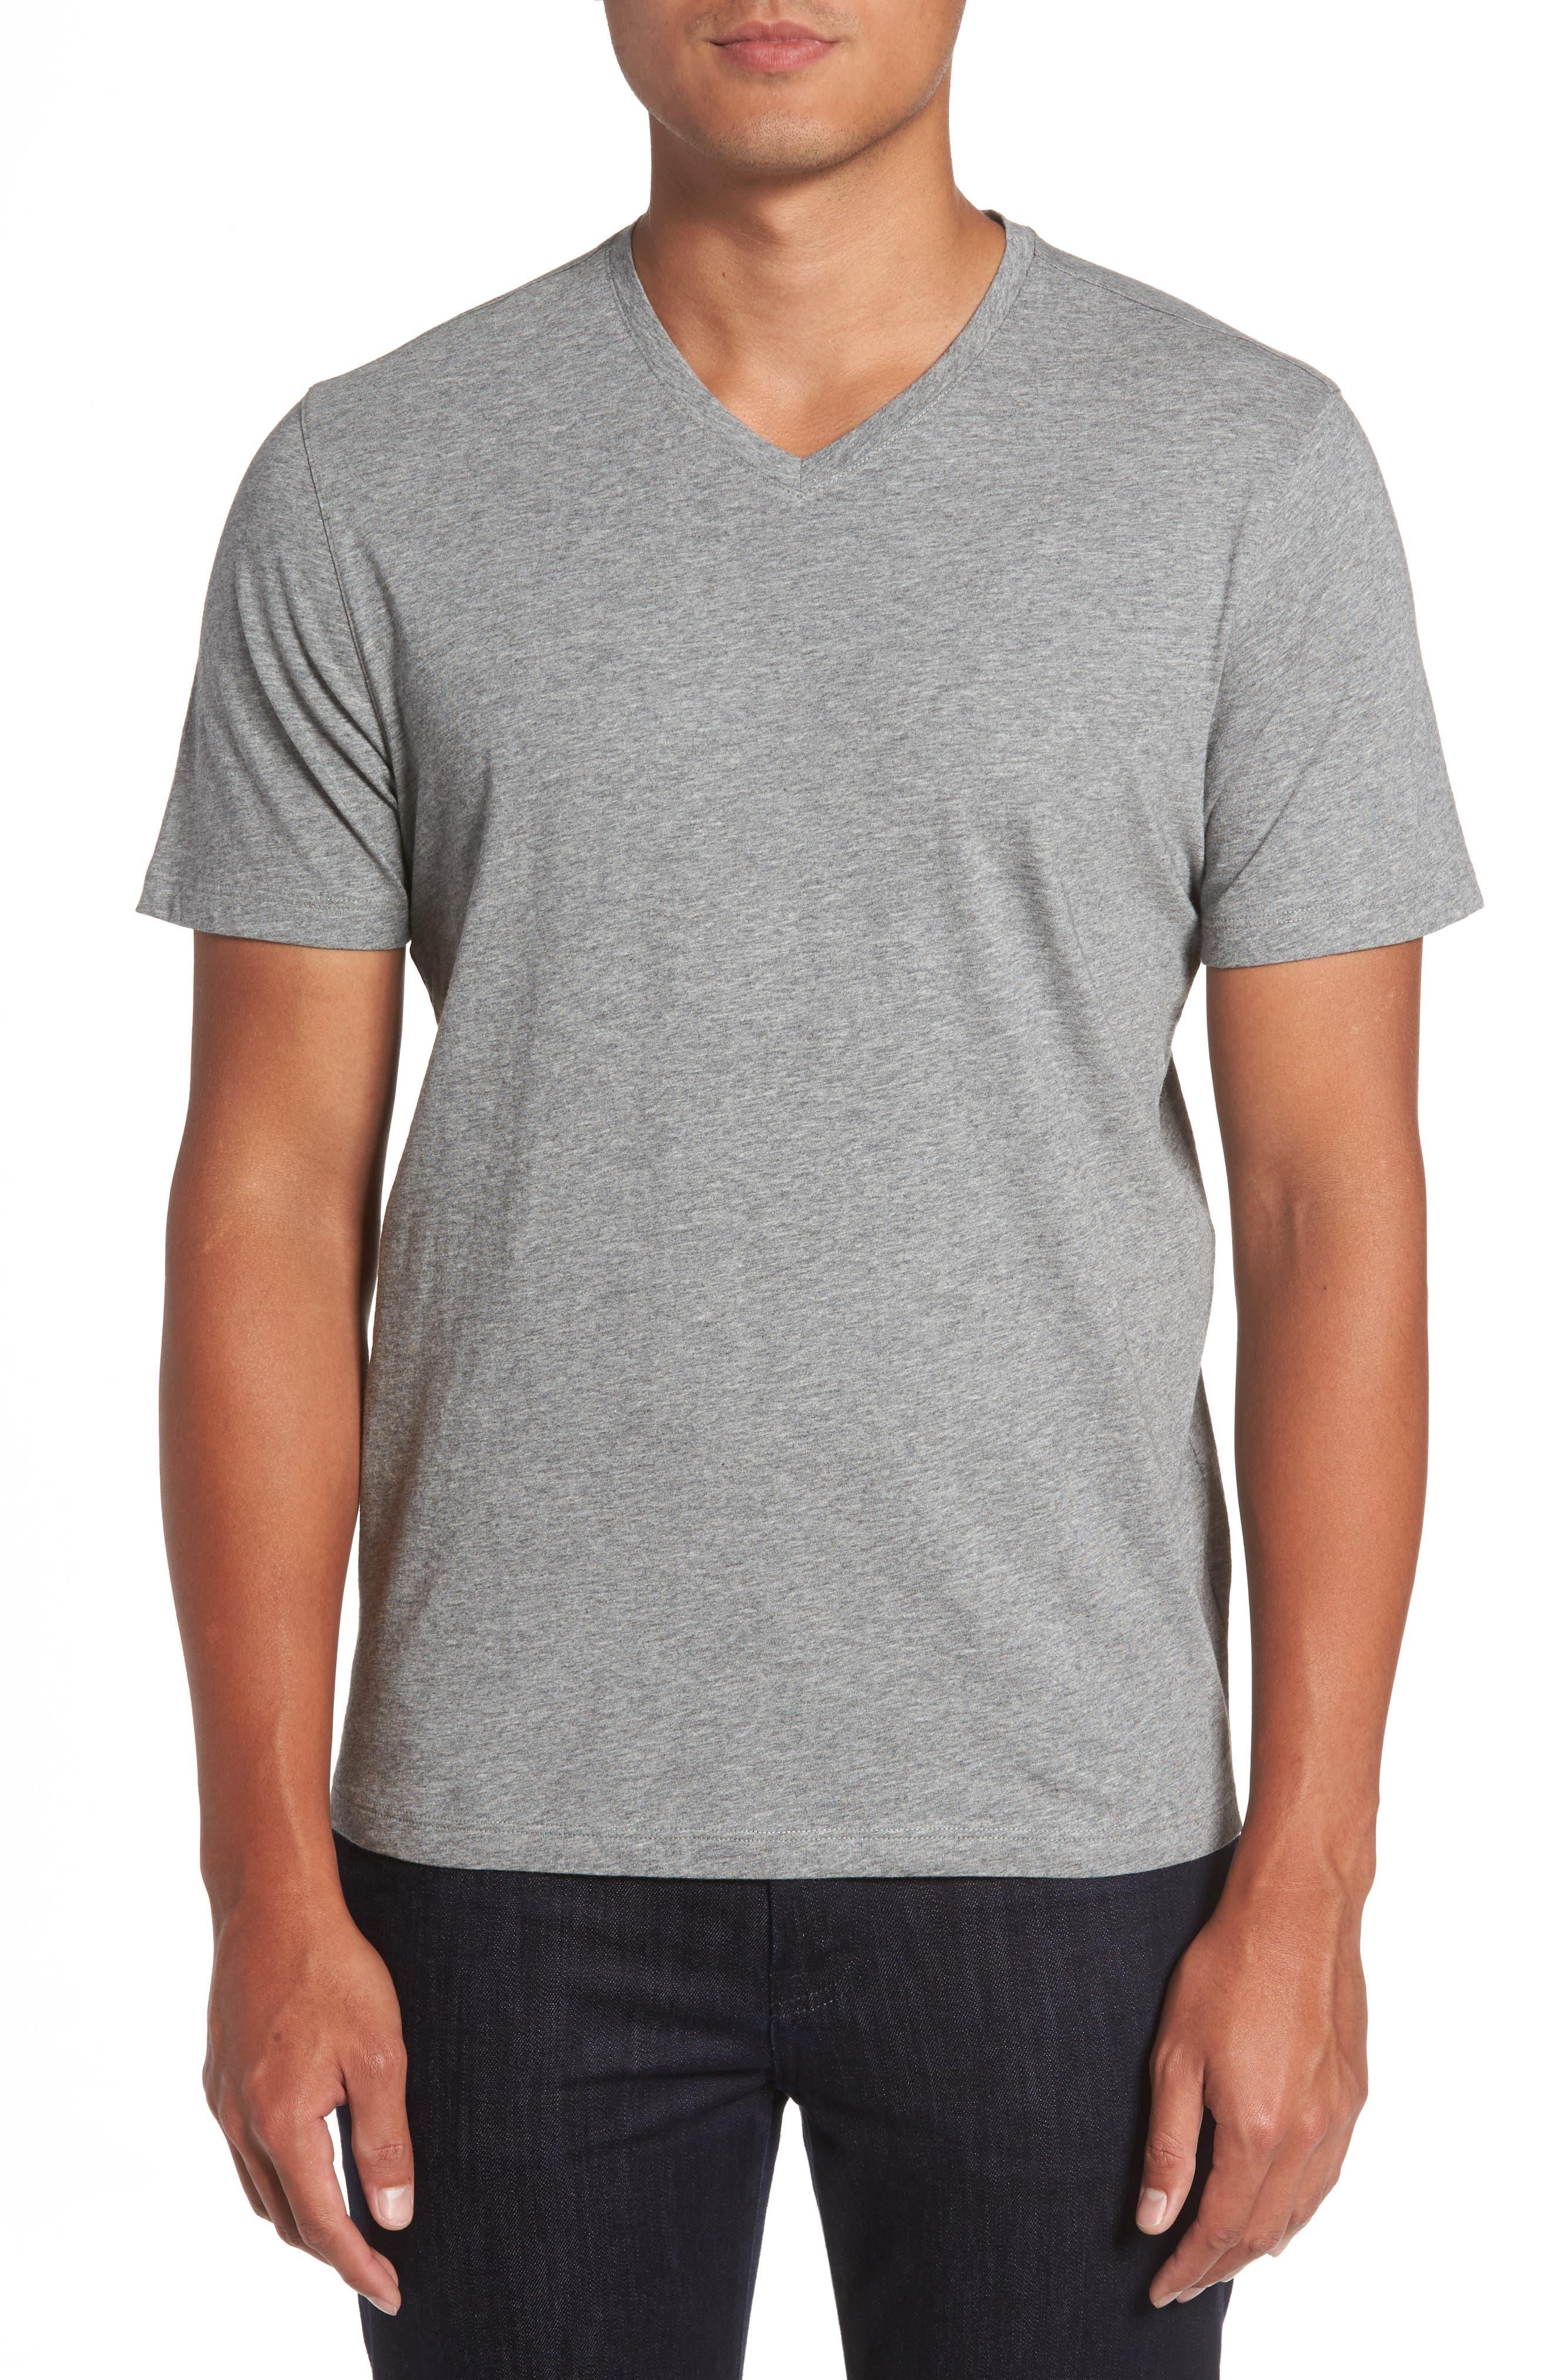 Alternate Image 1 Selected - Zachary Prell Mercer V-Neck T-Shirt